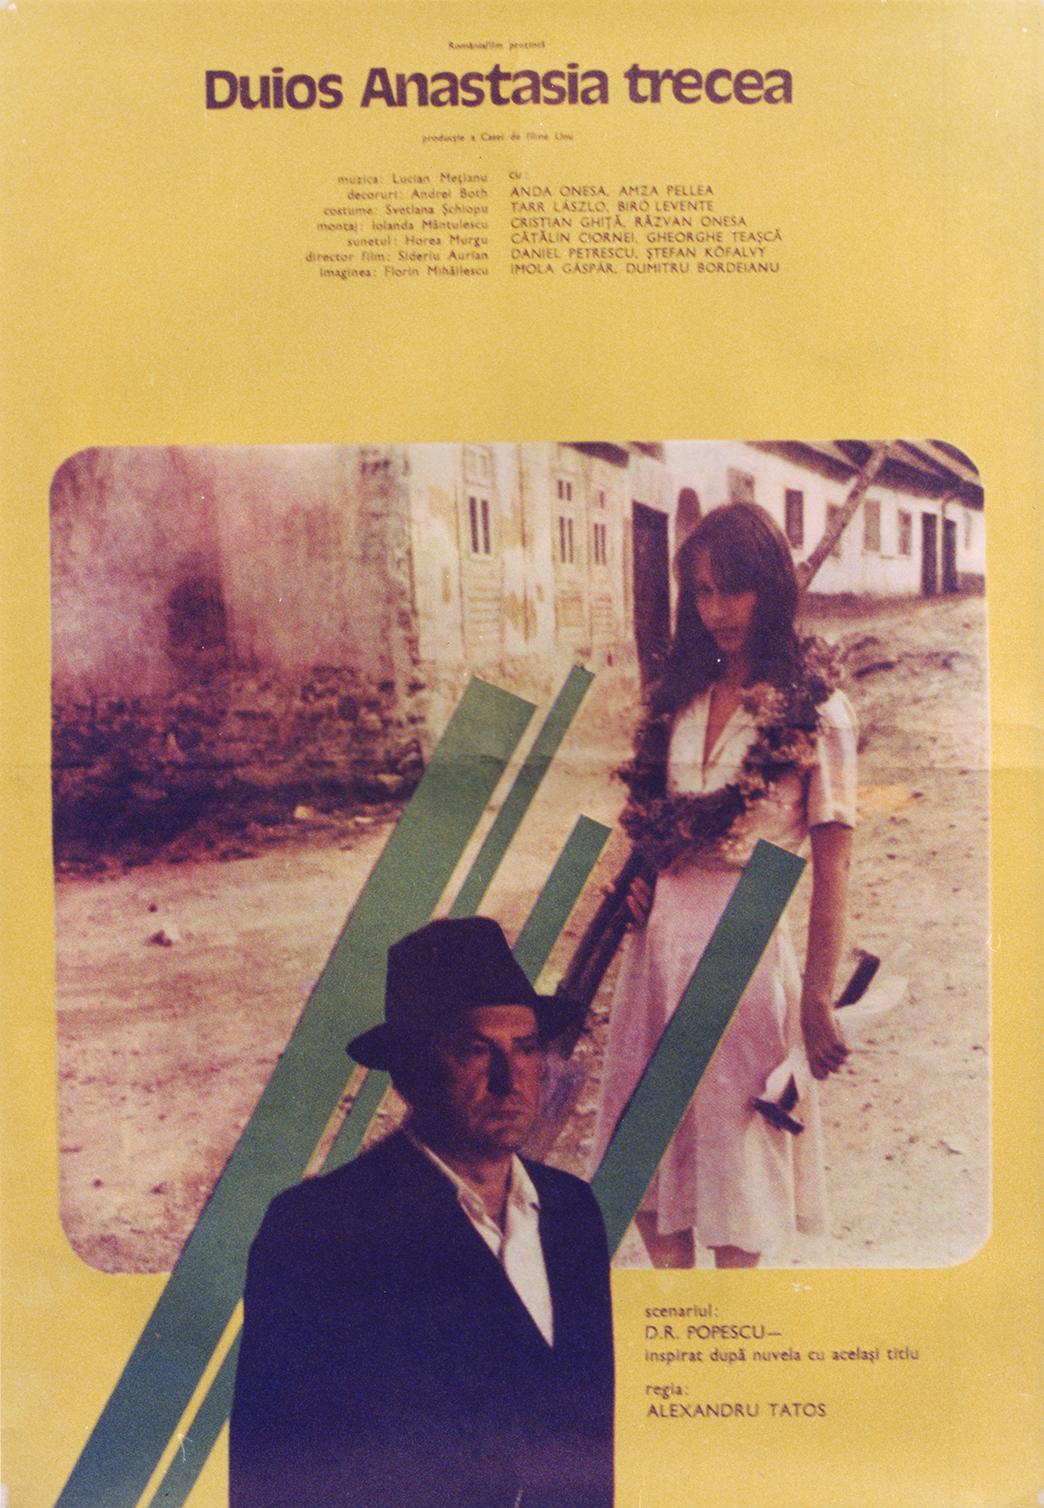 Duios Anastasia trecea (1979) - Photo